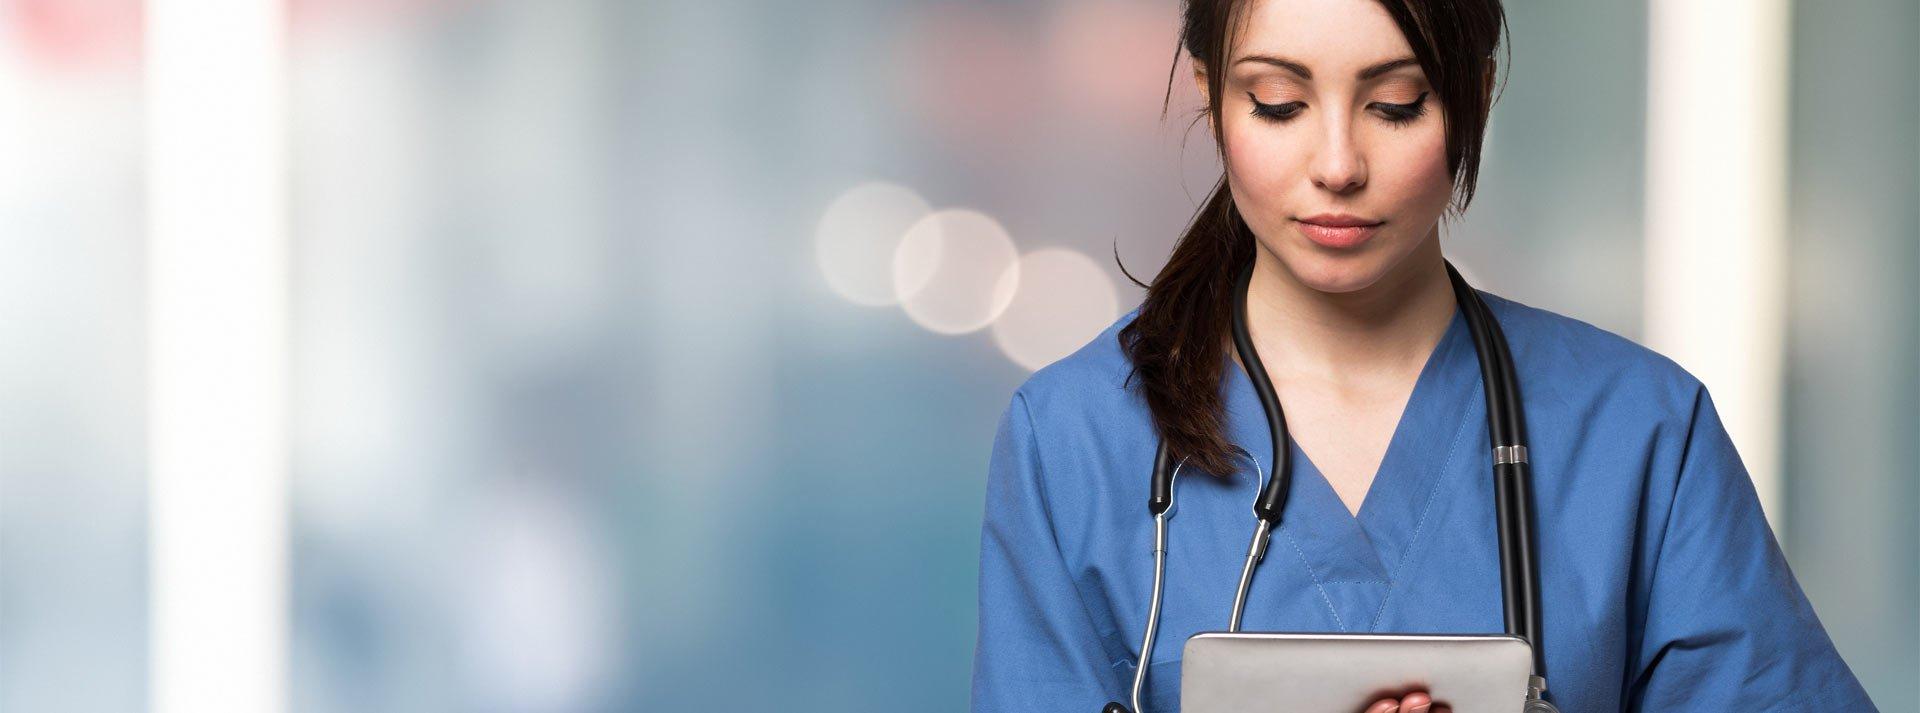 nurse jobs in india